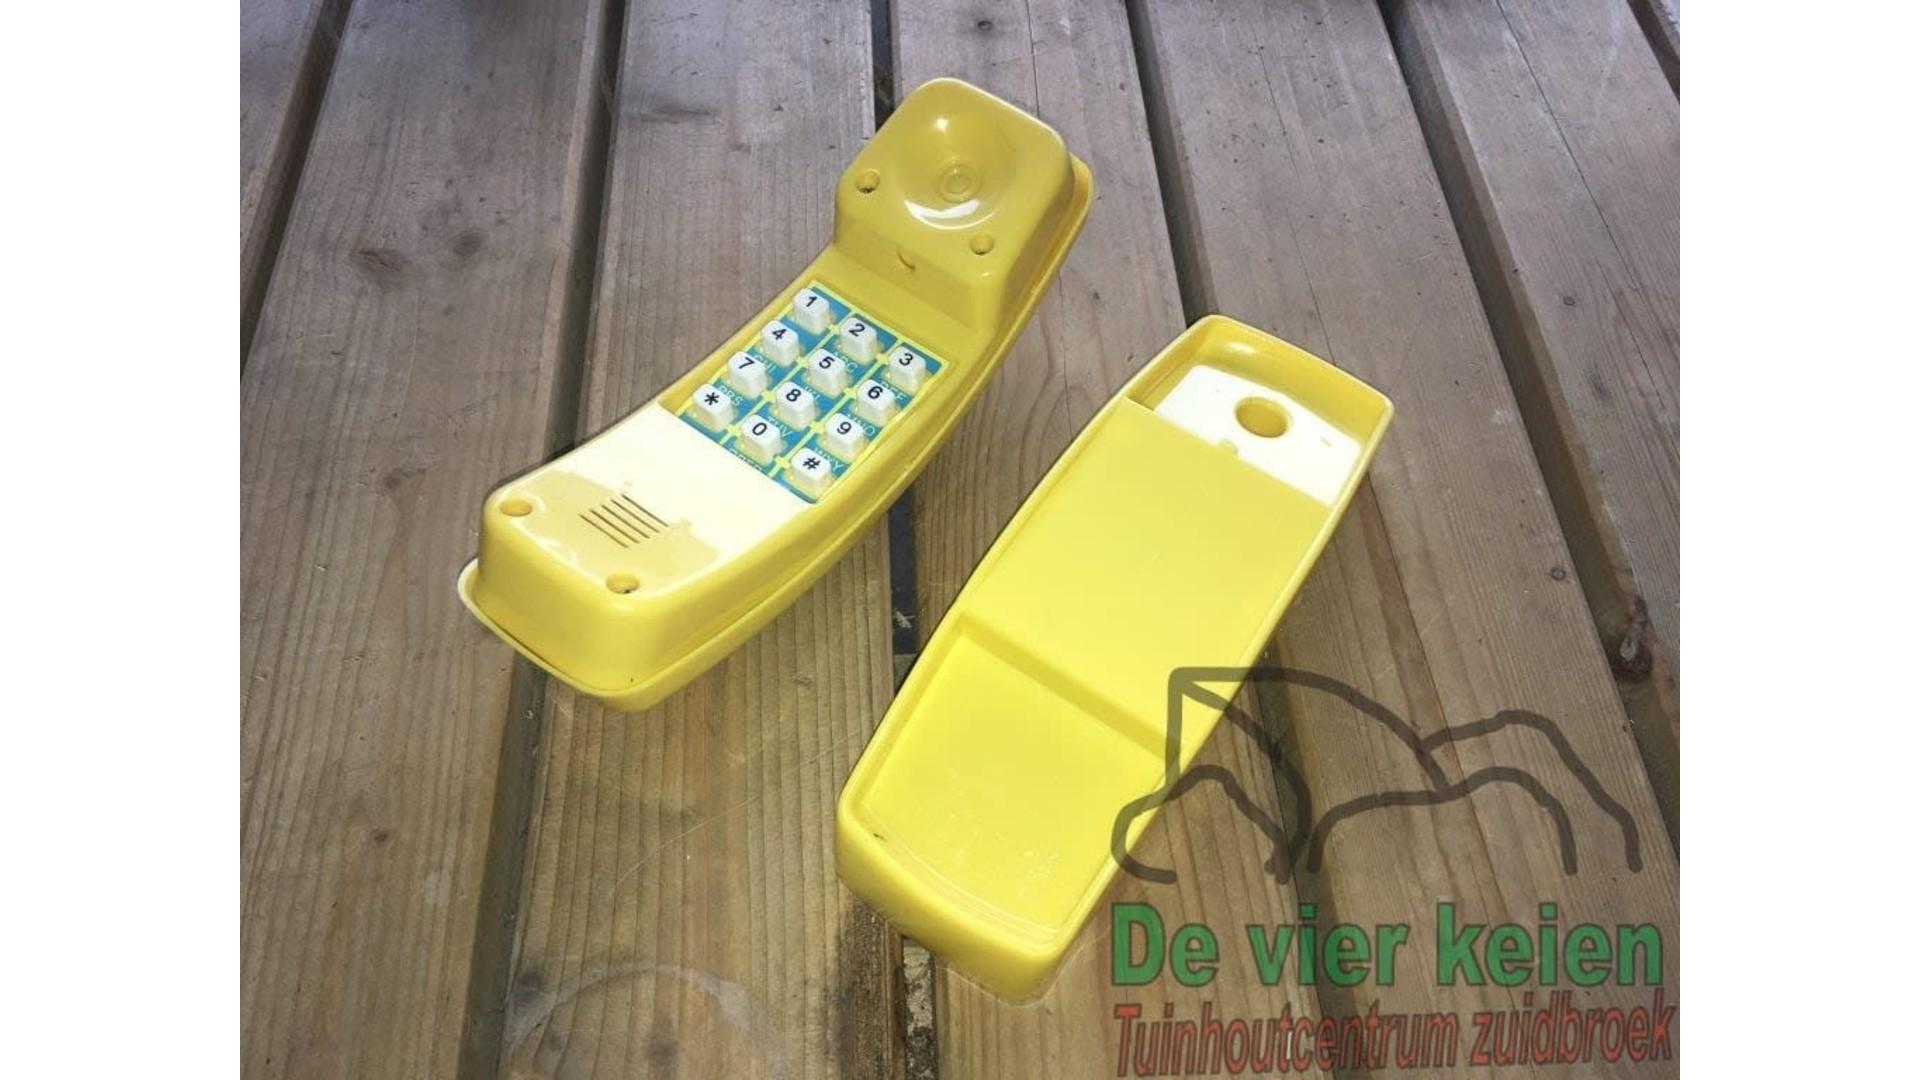 Speeltoestel Telefoon